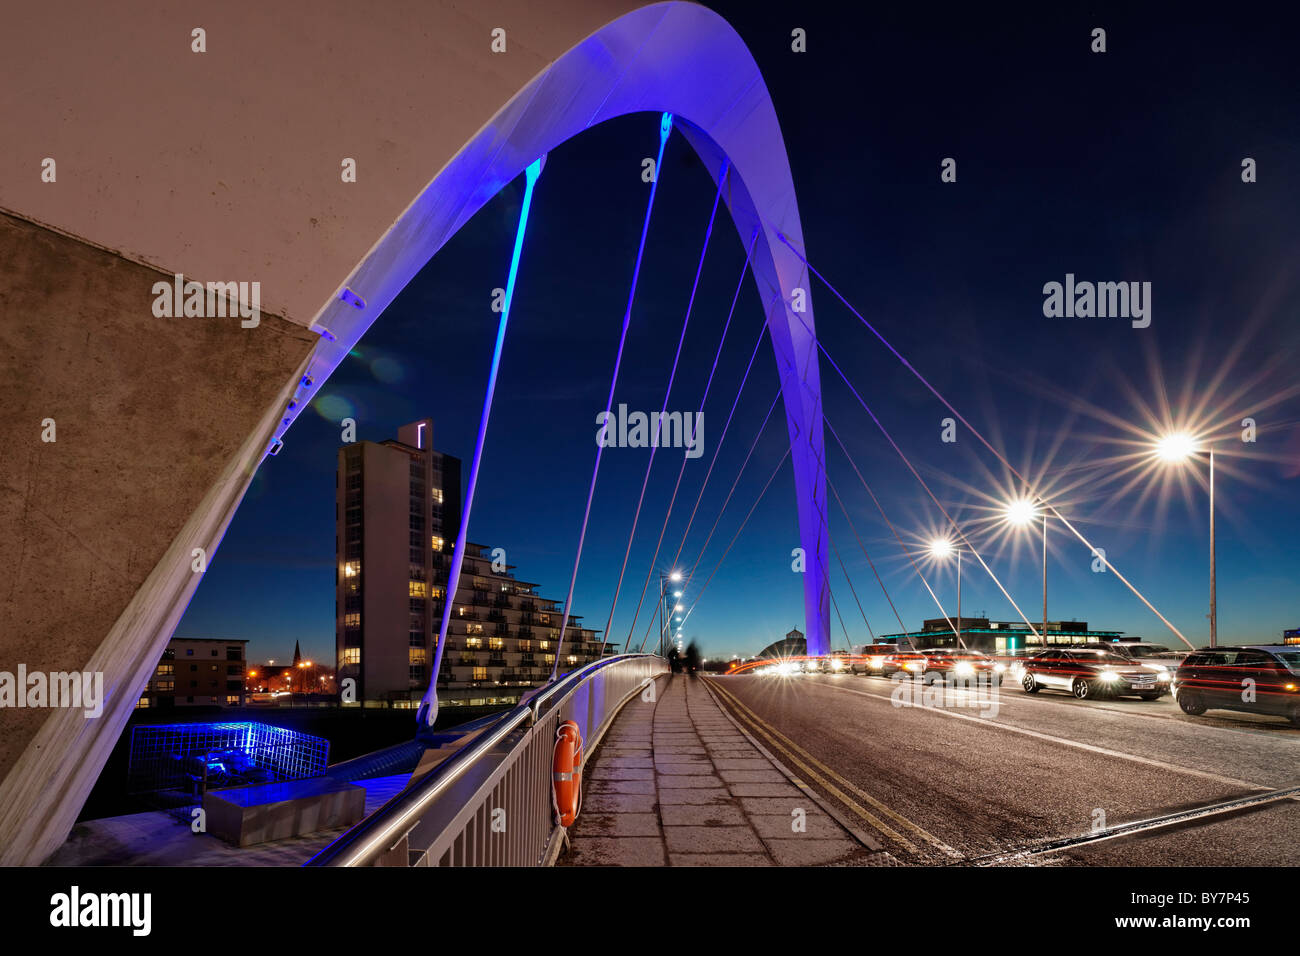 Le Clyde Arc pont qui traverse la rivière Clyde, Glasgow, Ecosse, Royaume-Uni. Le pont est surnommé 'Squinty' par les Glaswegians. Banque D'Images